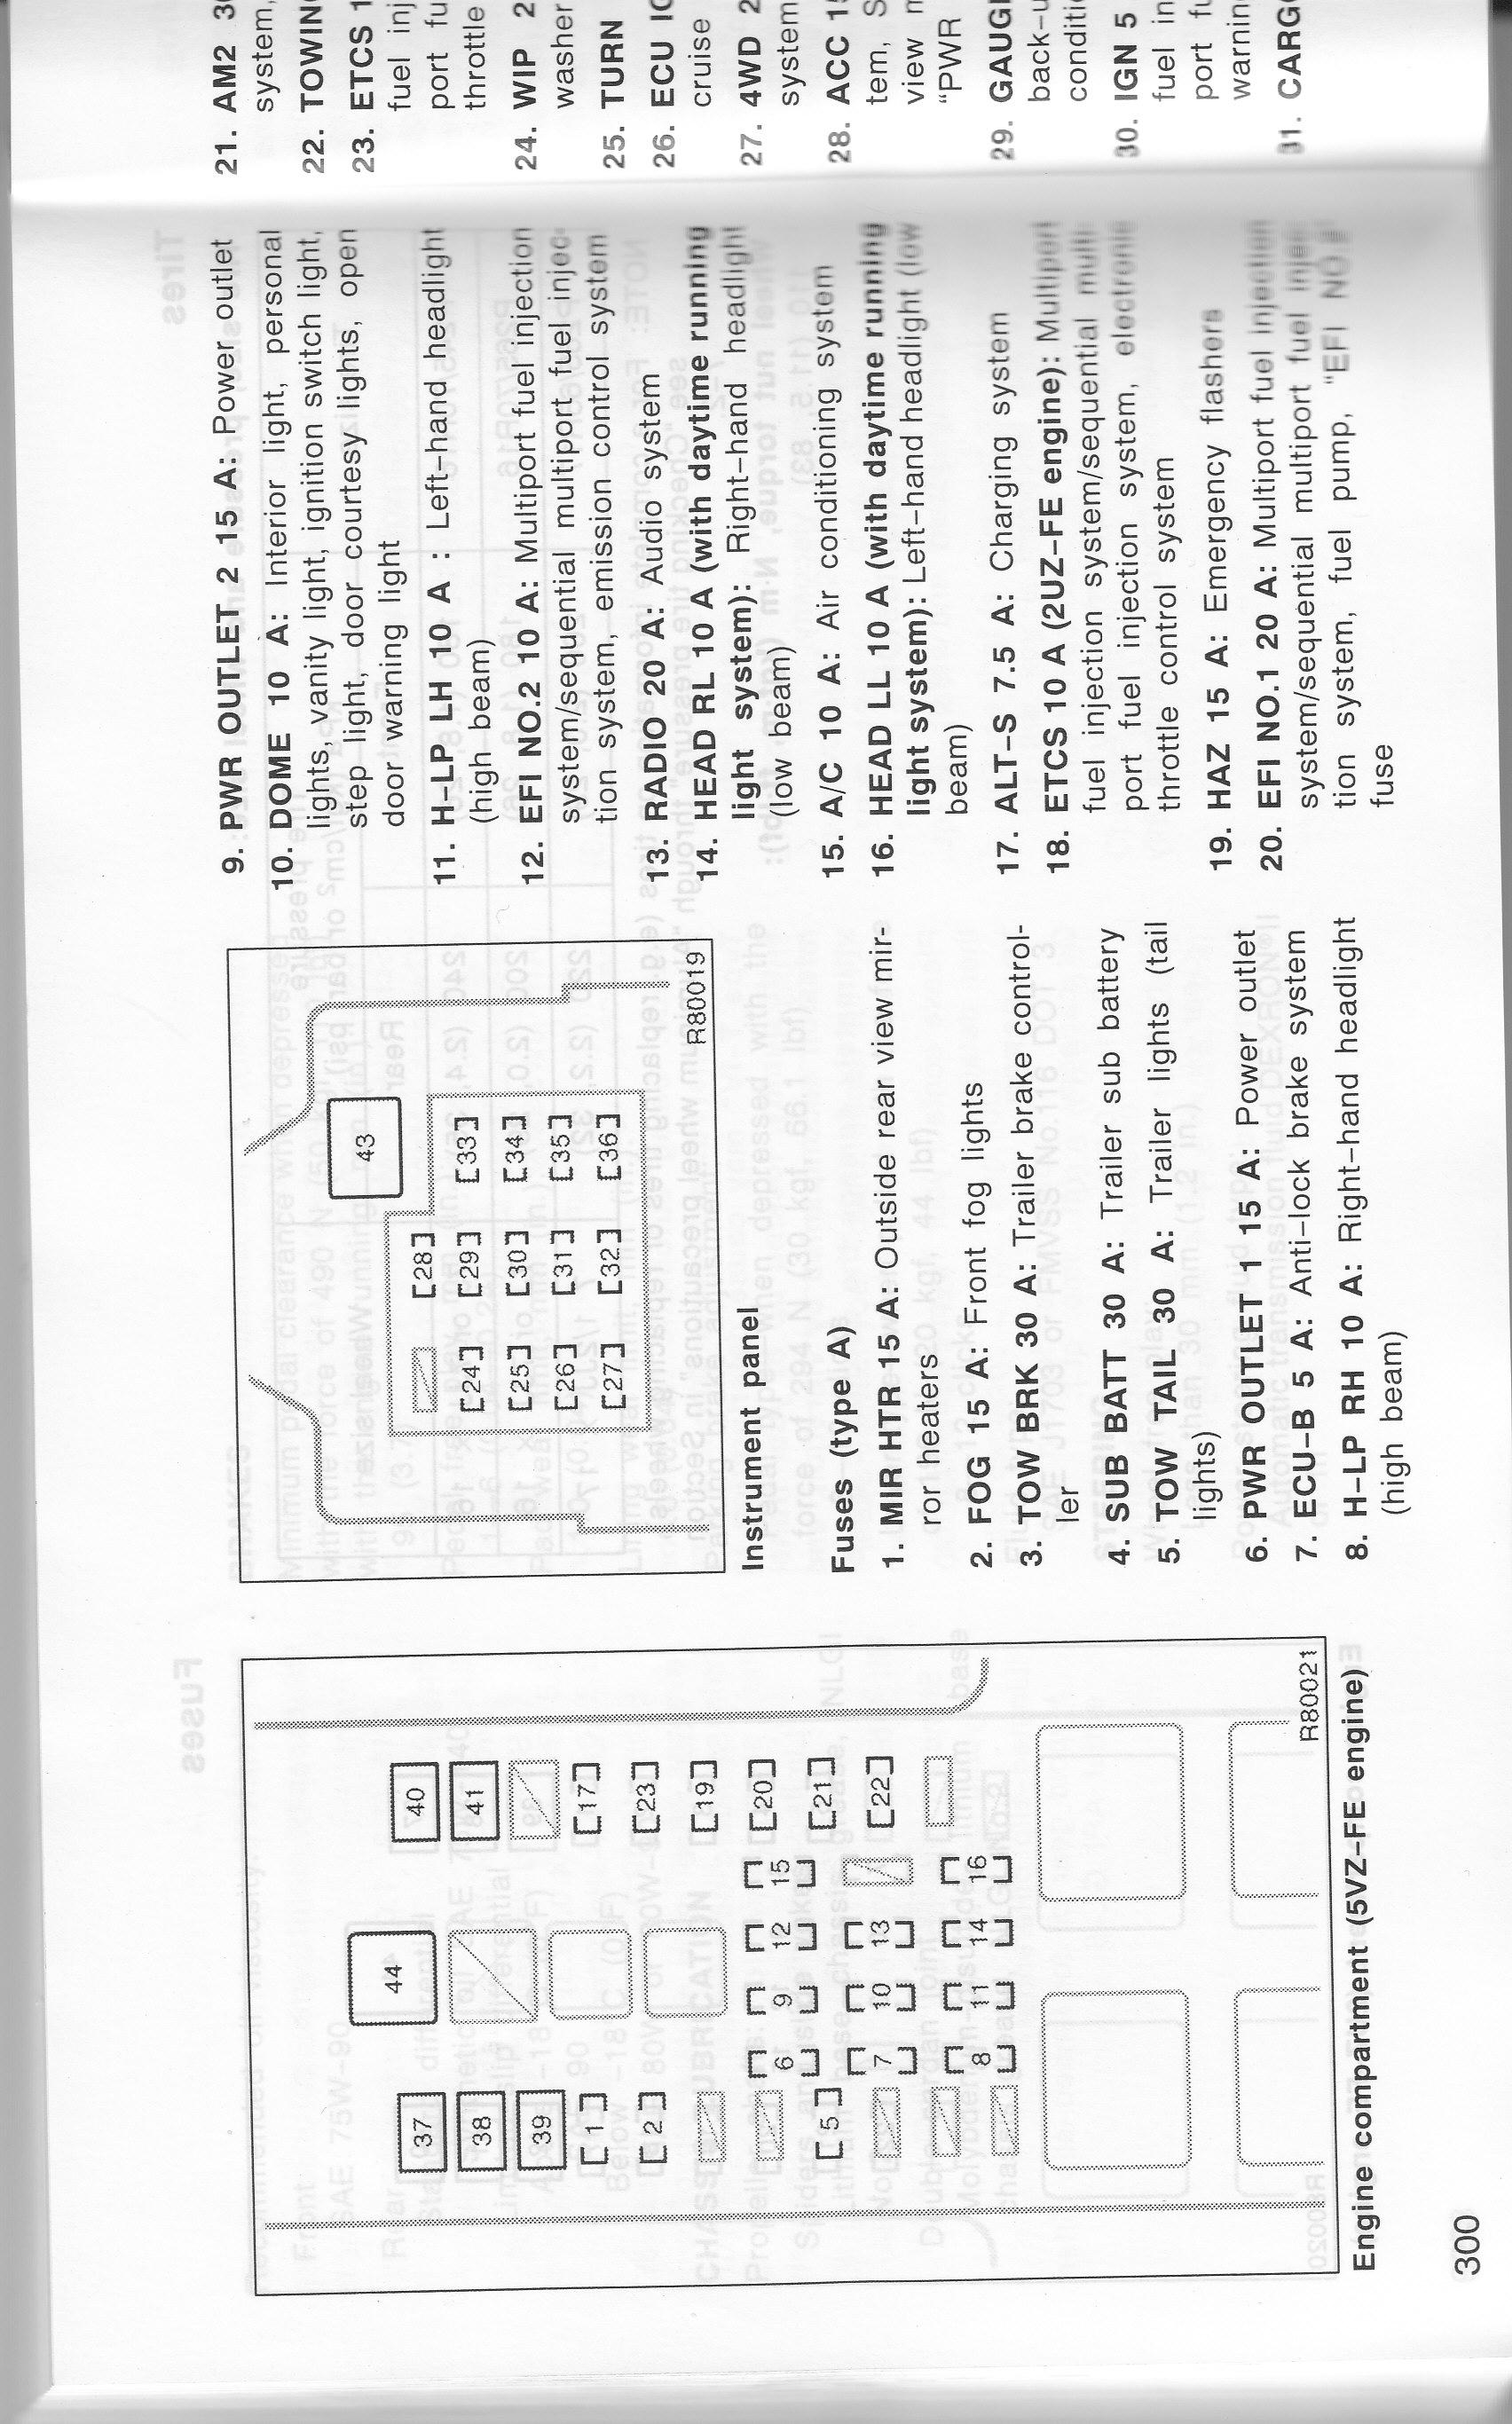 1996 toyota t100 fuse diagram